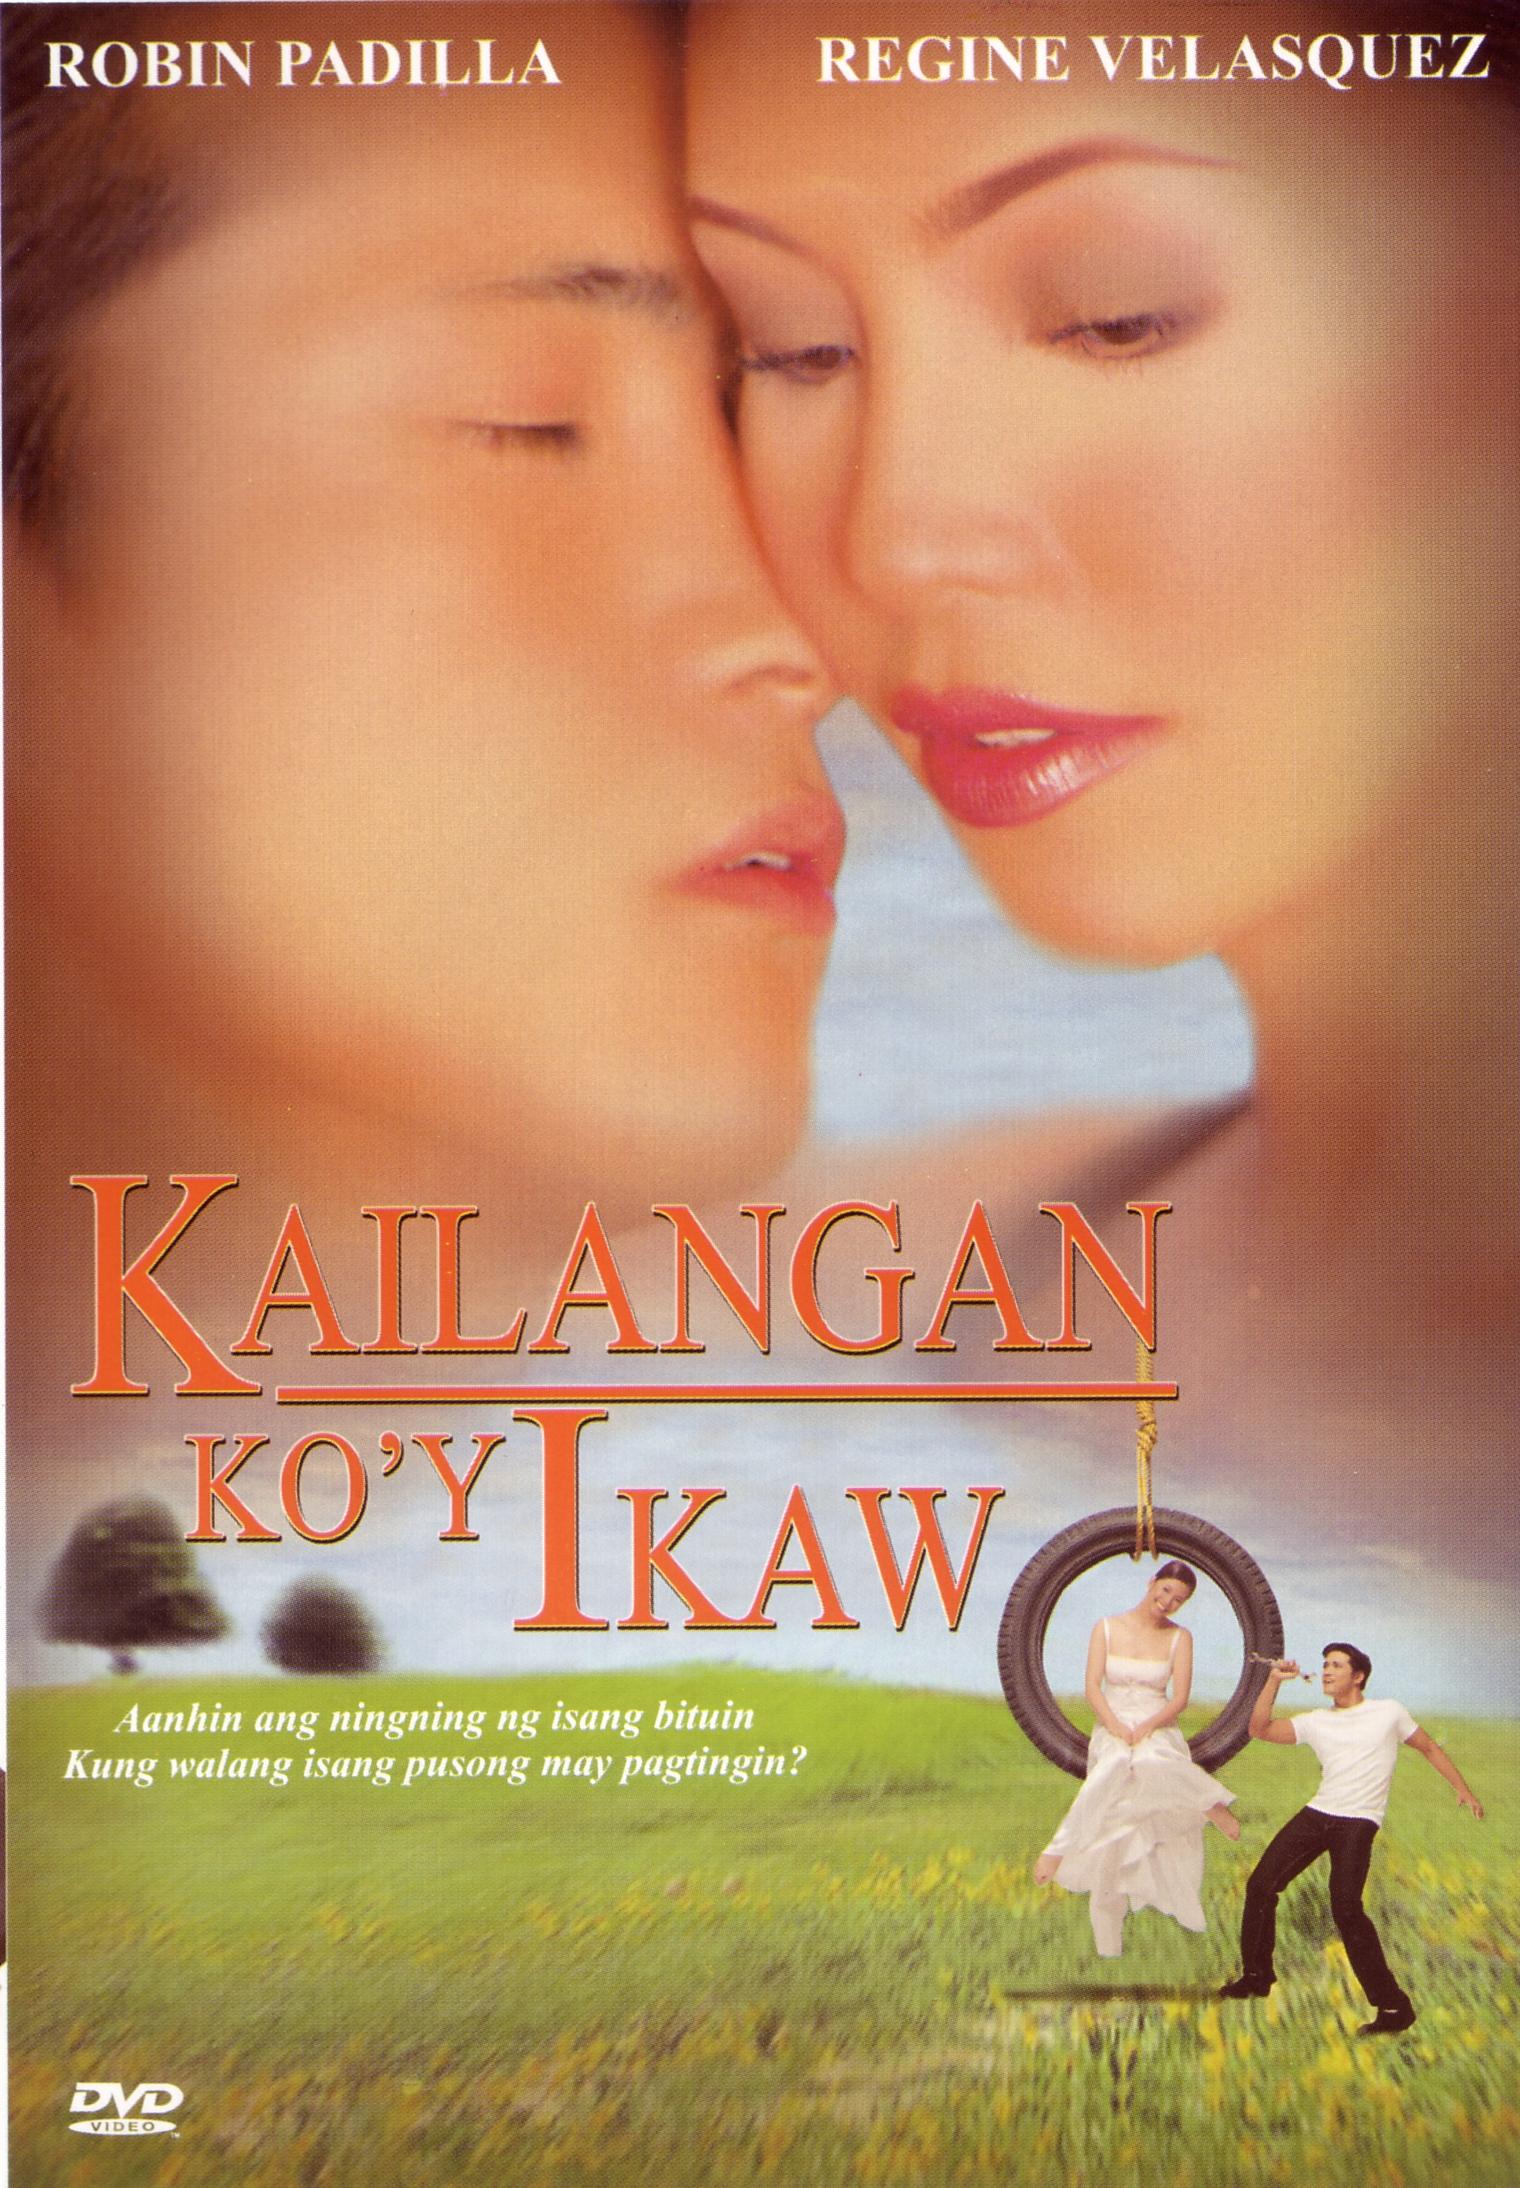 Kailangan Ko'y Ikaw